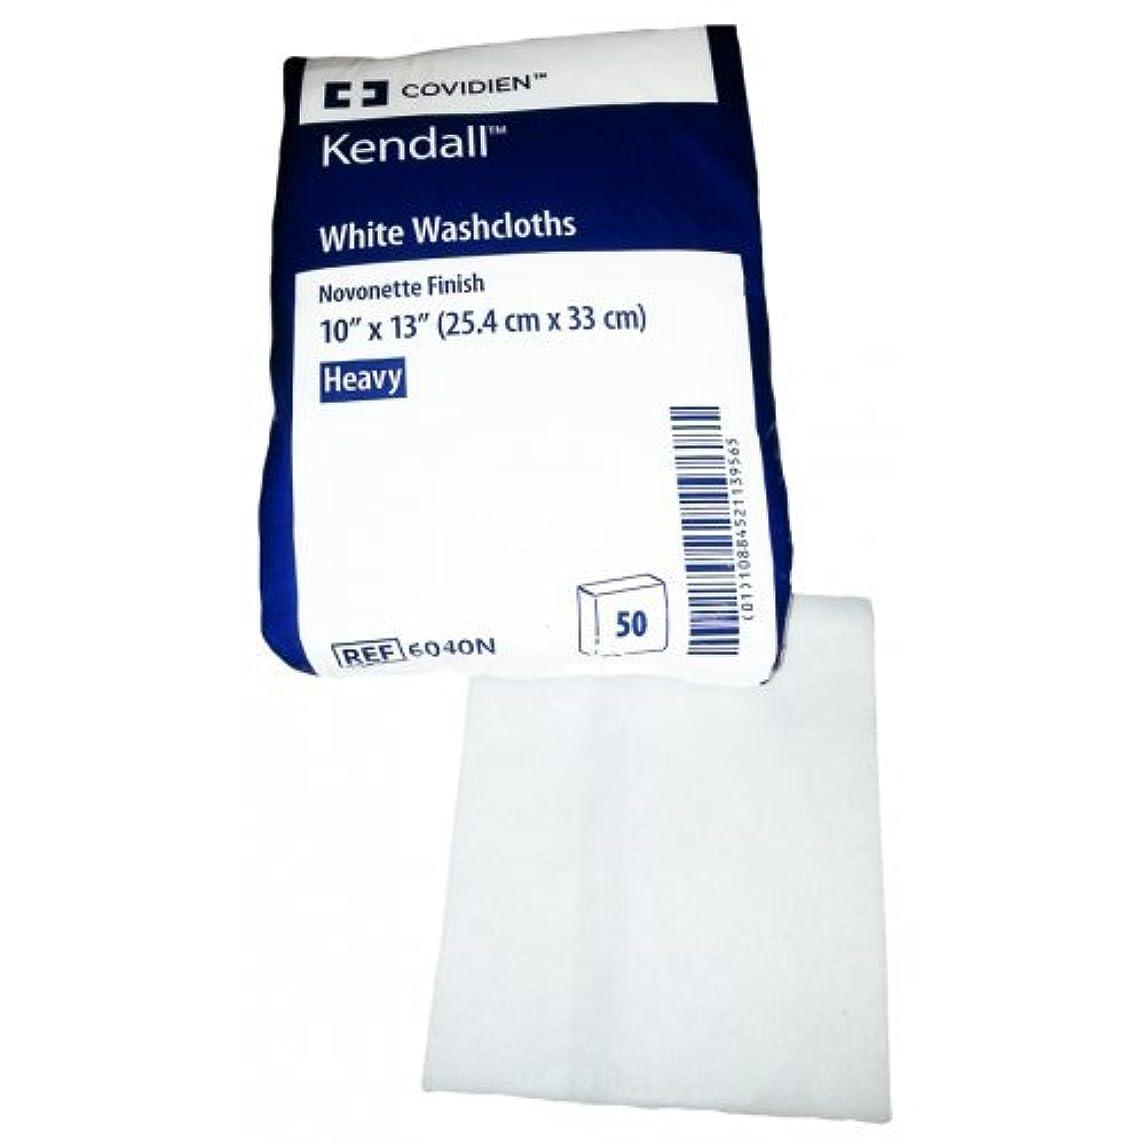 Kendall Excilon Washcloths White 10